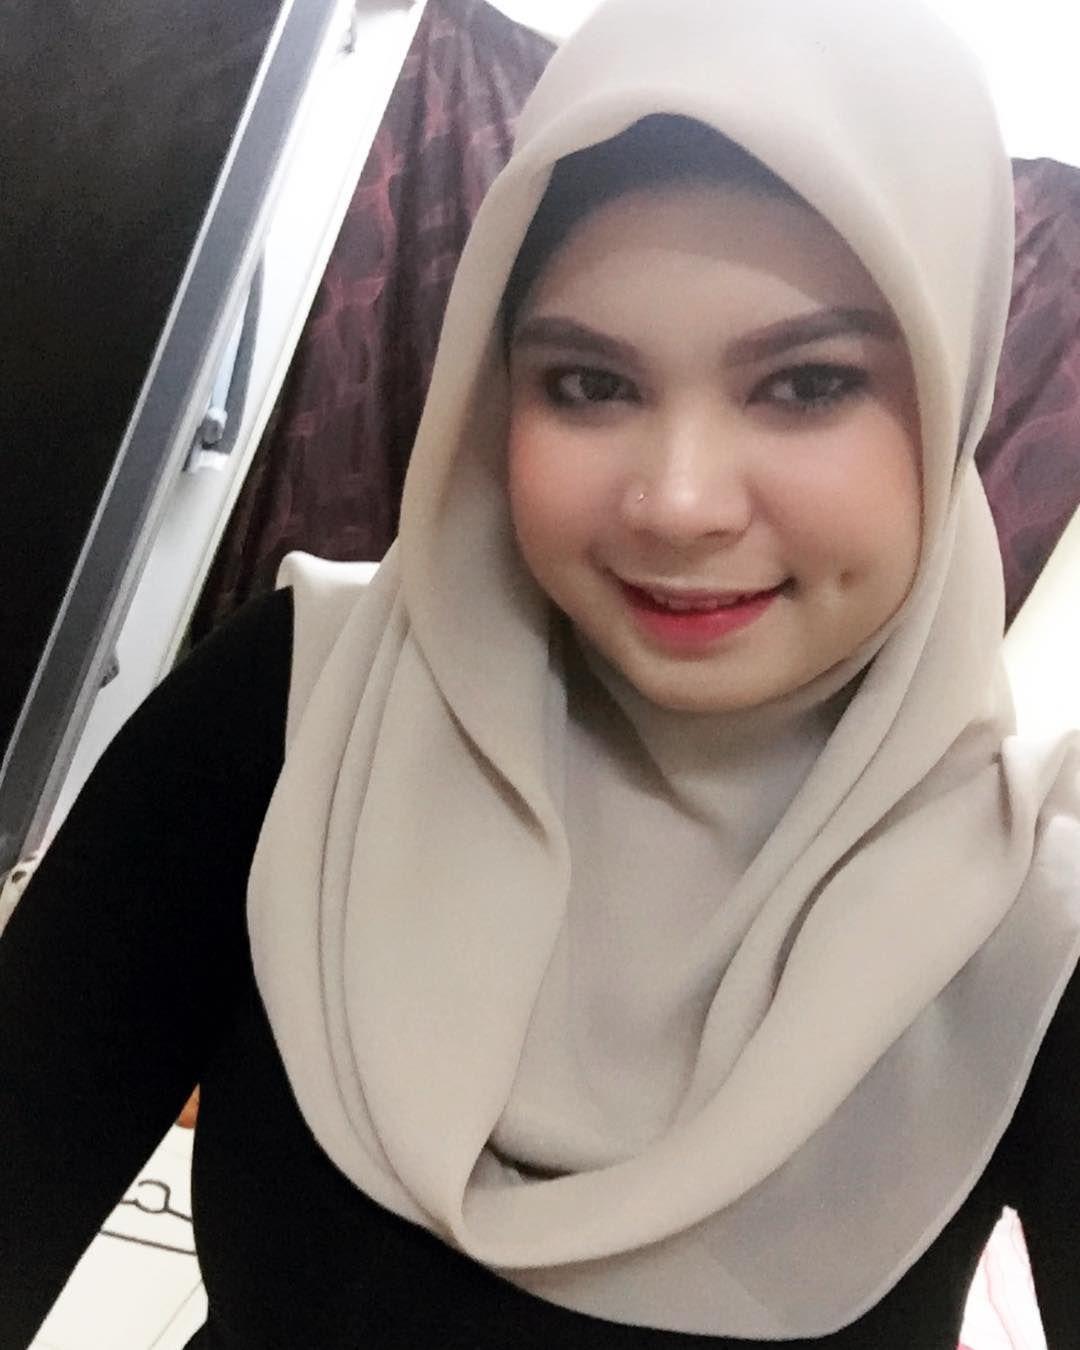 Hijaber Gaul Hijabicollection Jilbab Cantik Hijab Kecantikan